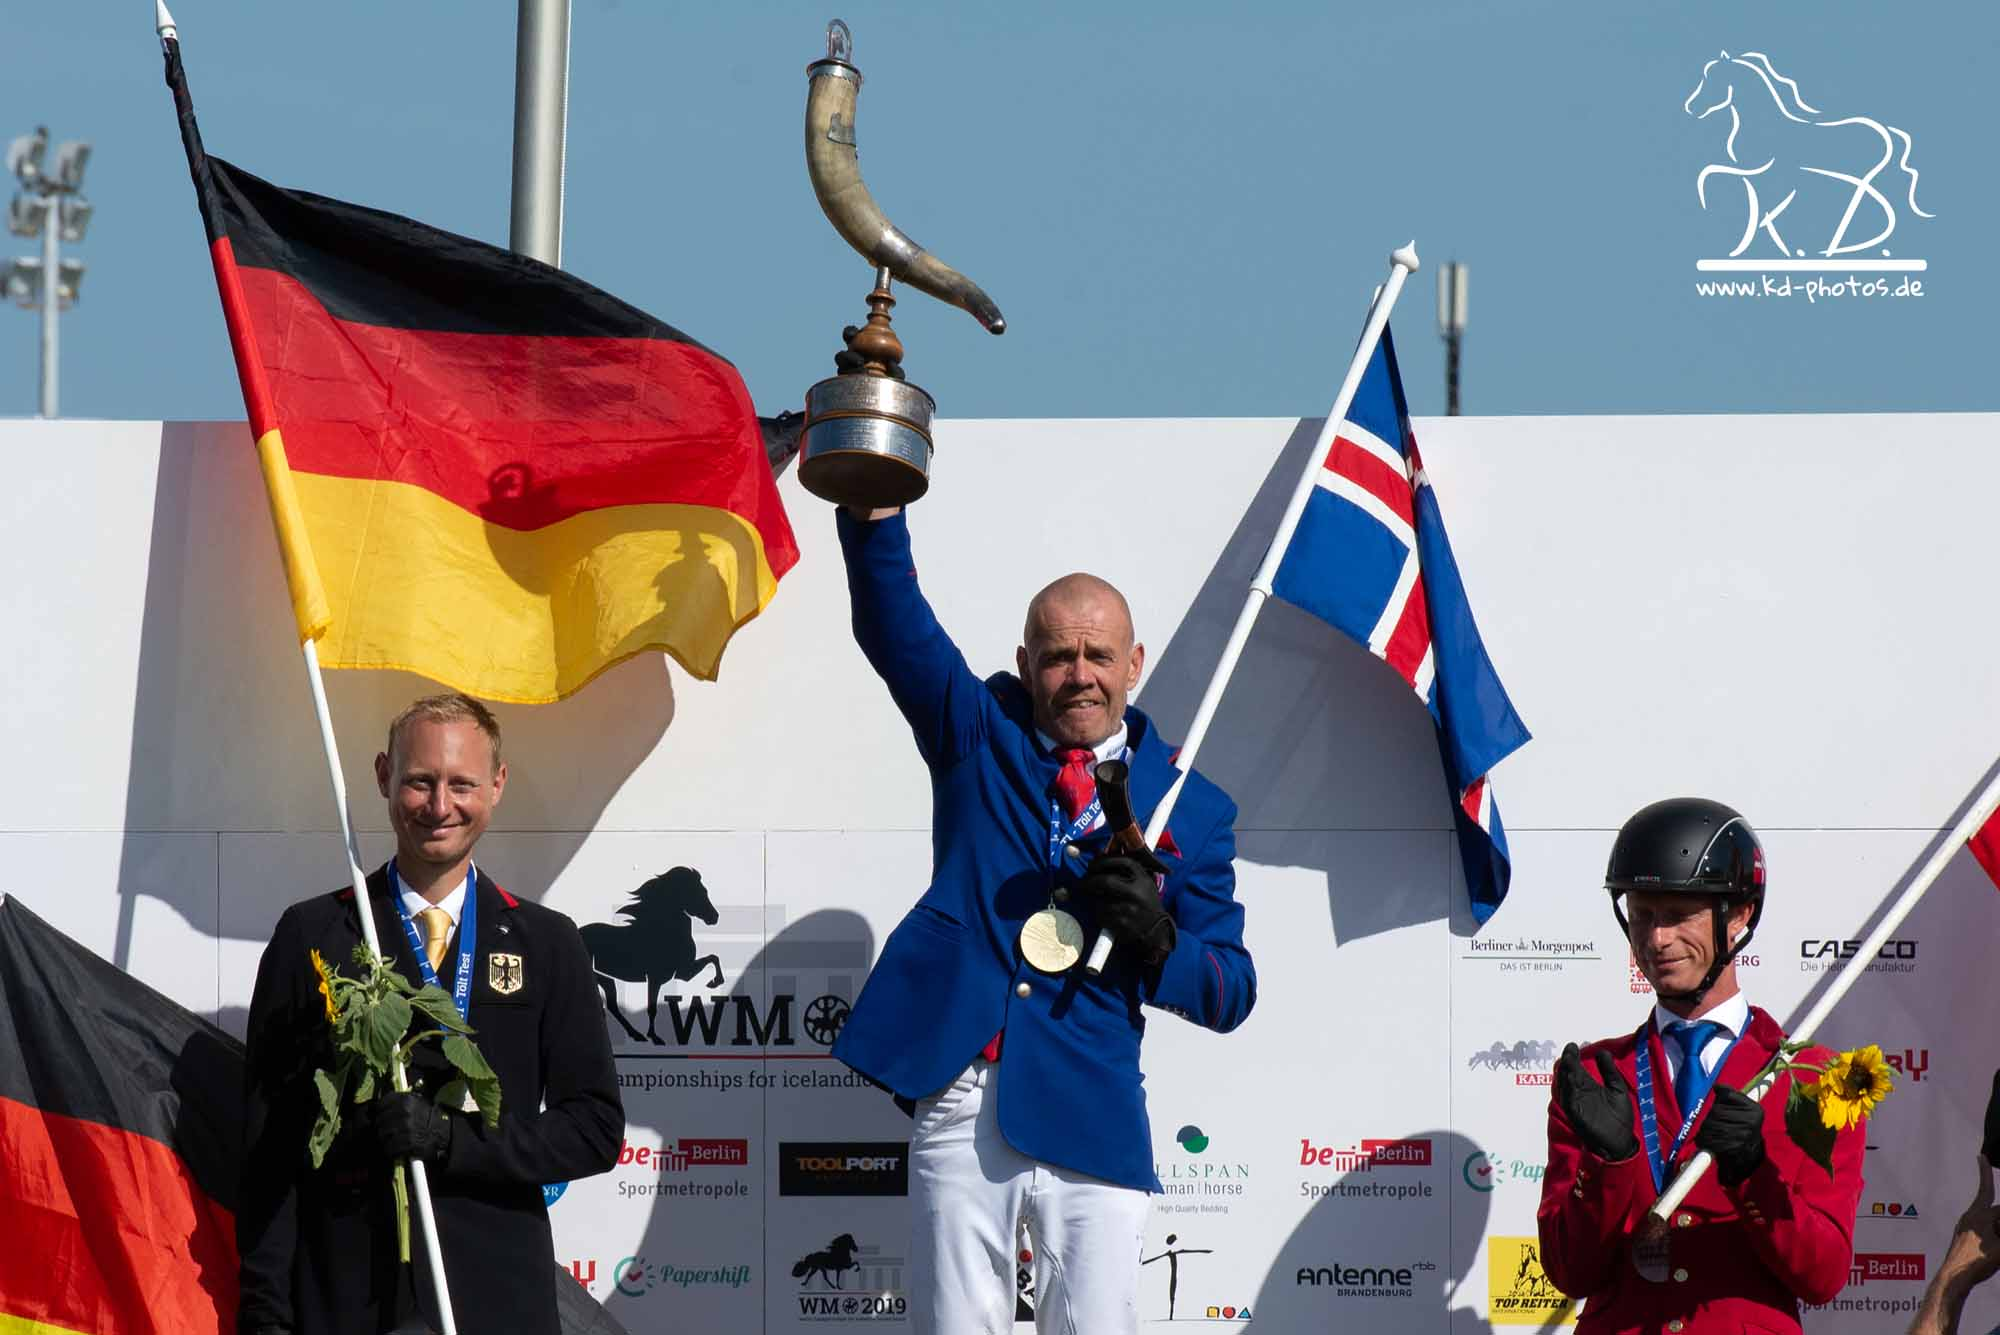 Islandpferde Weltmeisterschaft Berlin 2019 Johann Skulason